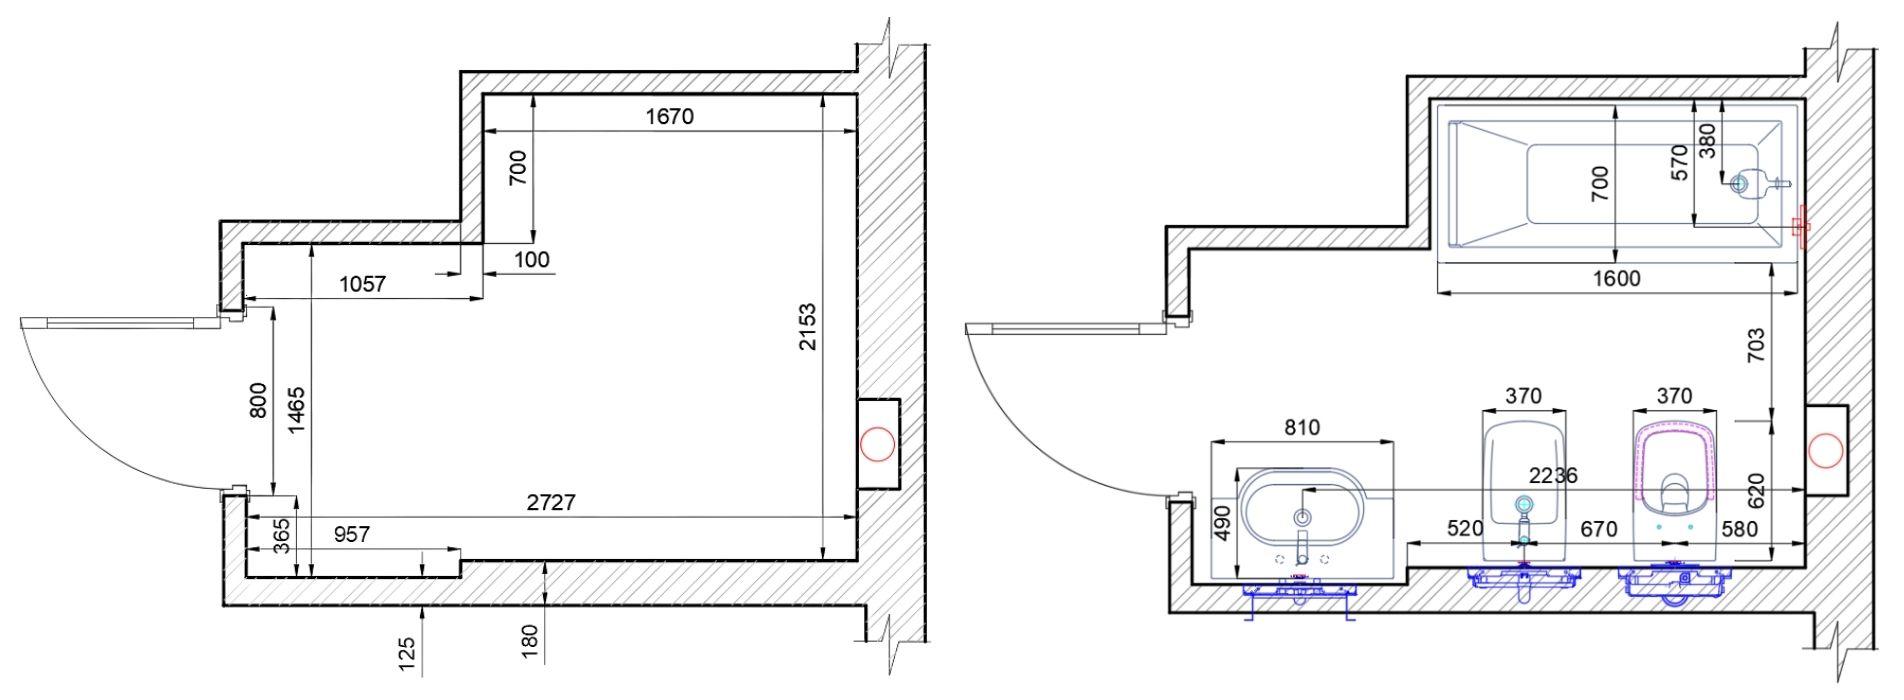 План ванной комнаты с размещением сантехники